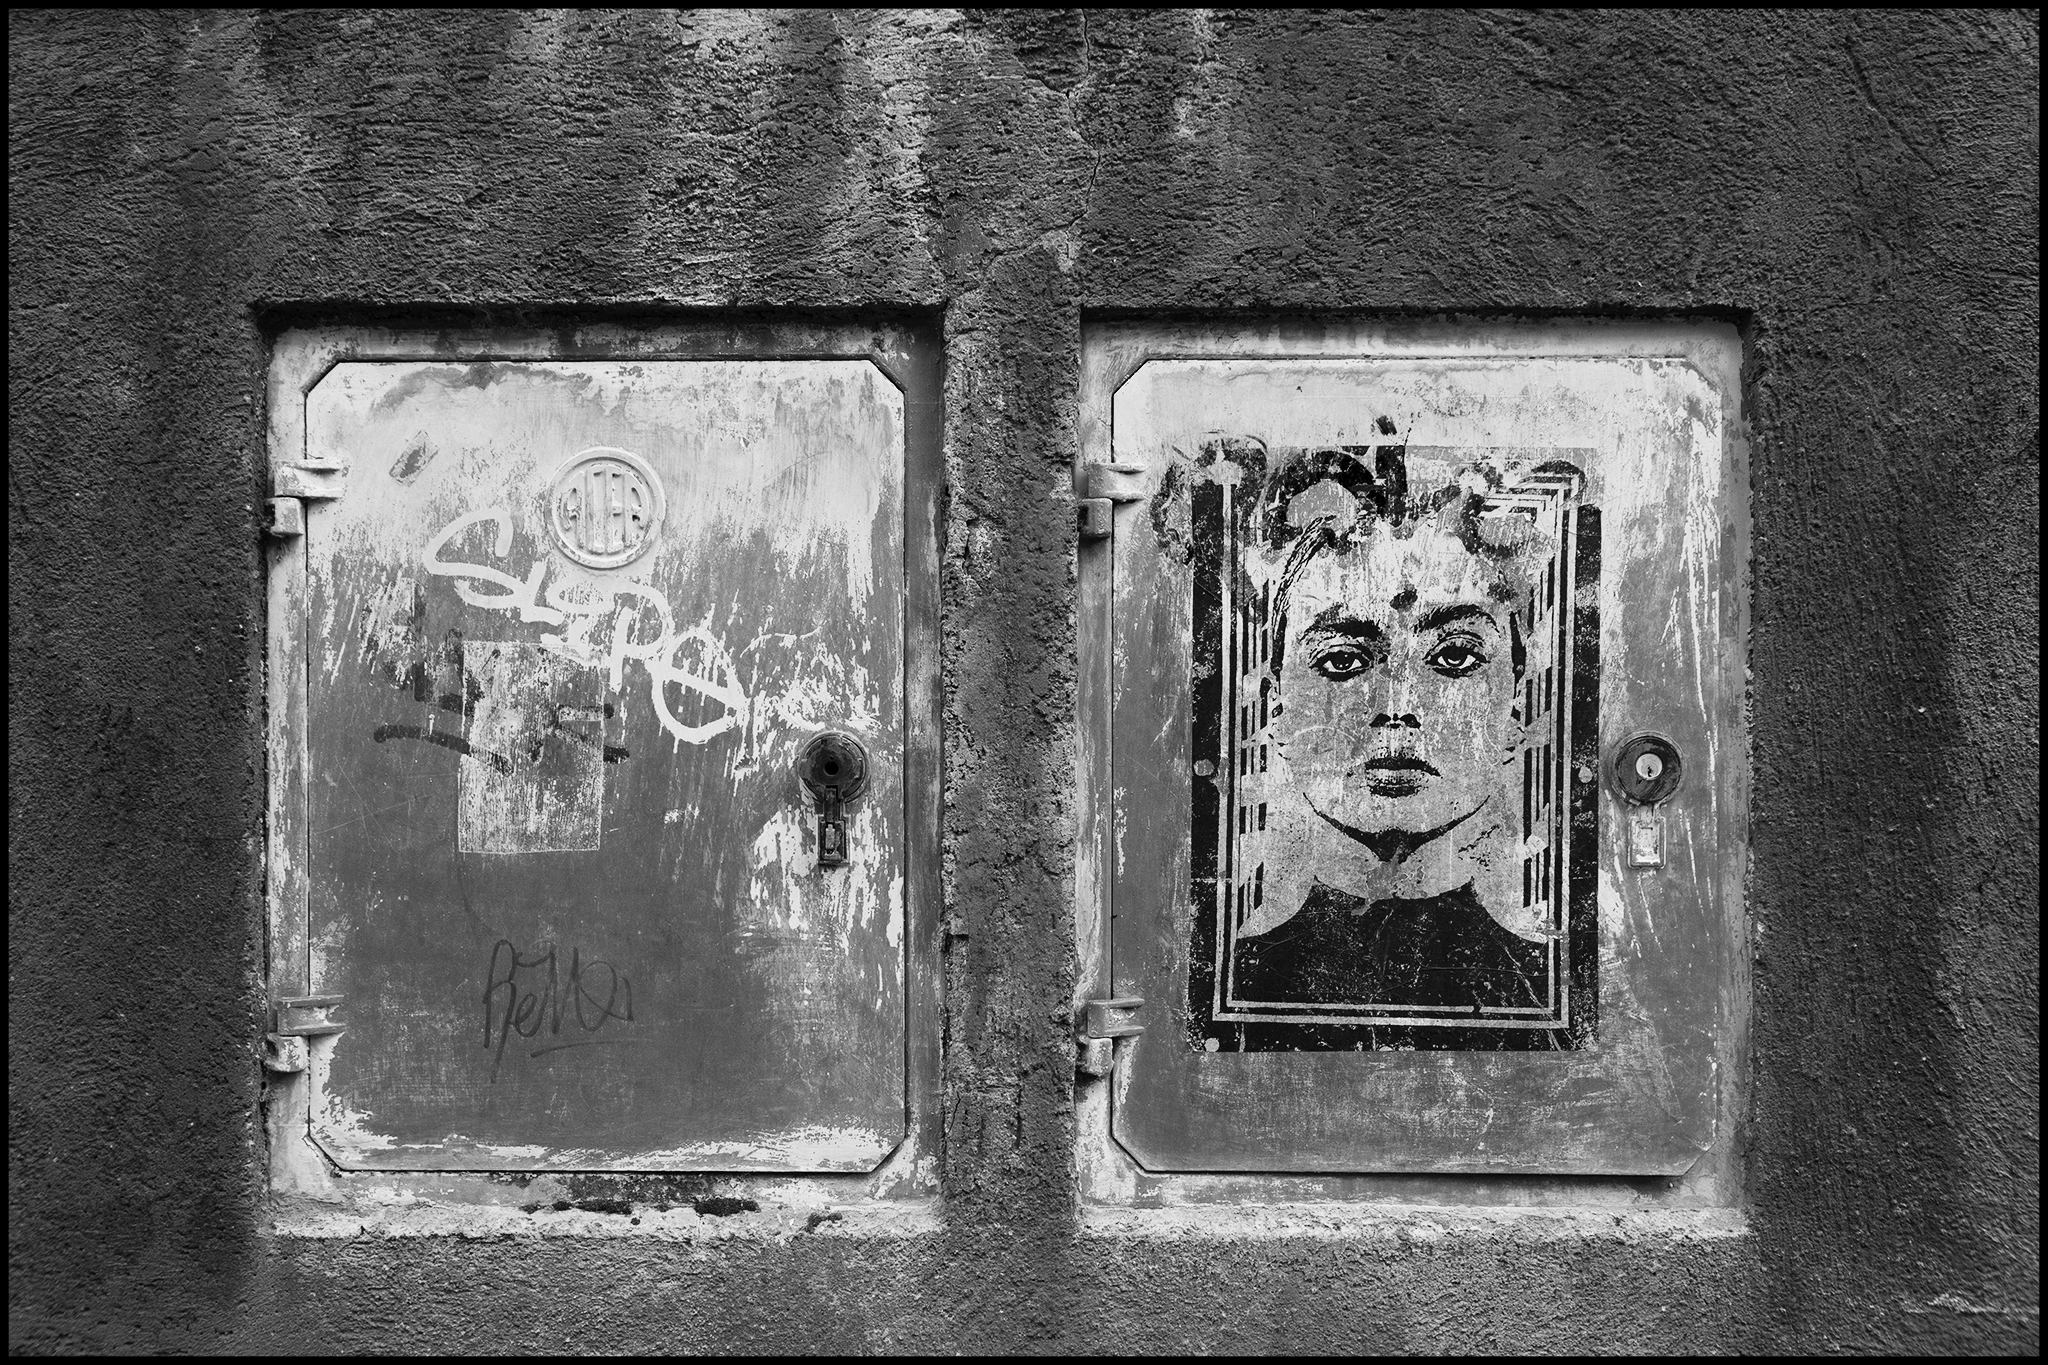 7 June 2019 - Street art, Rome IT